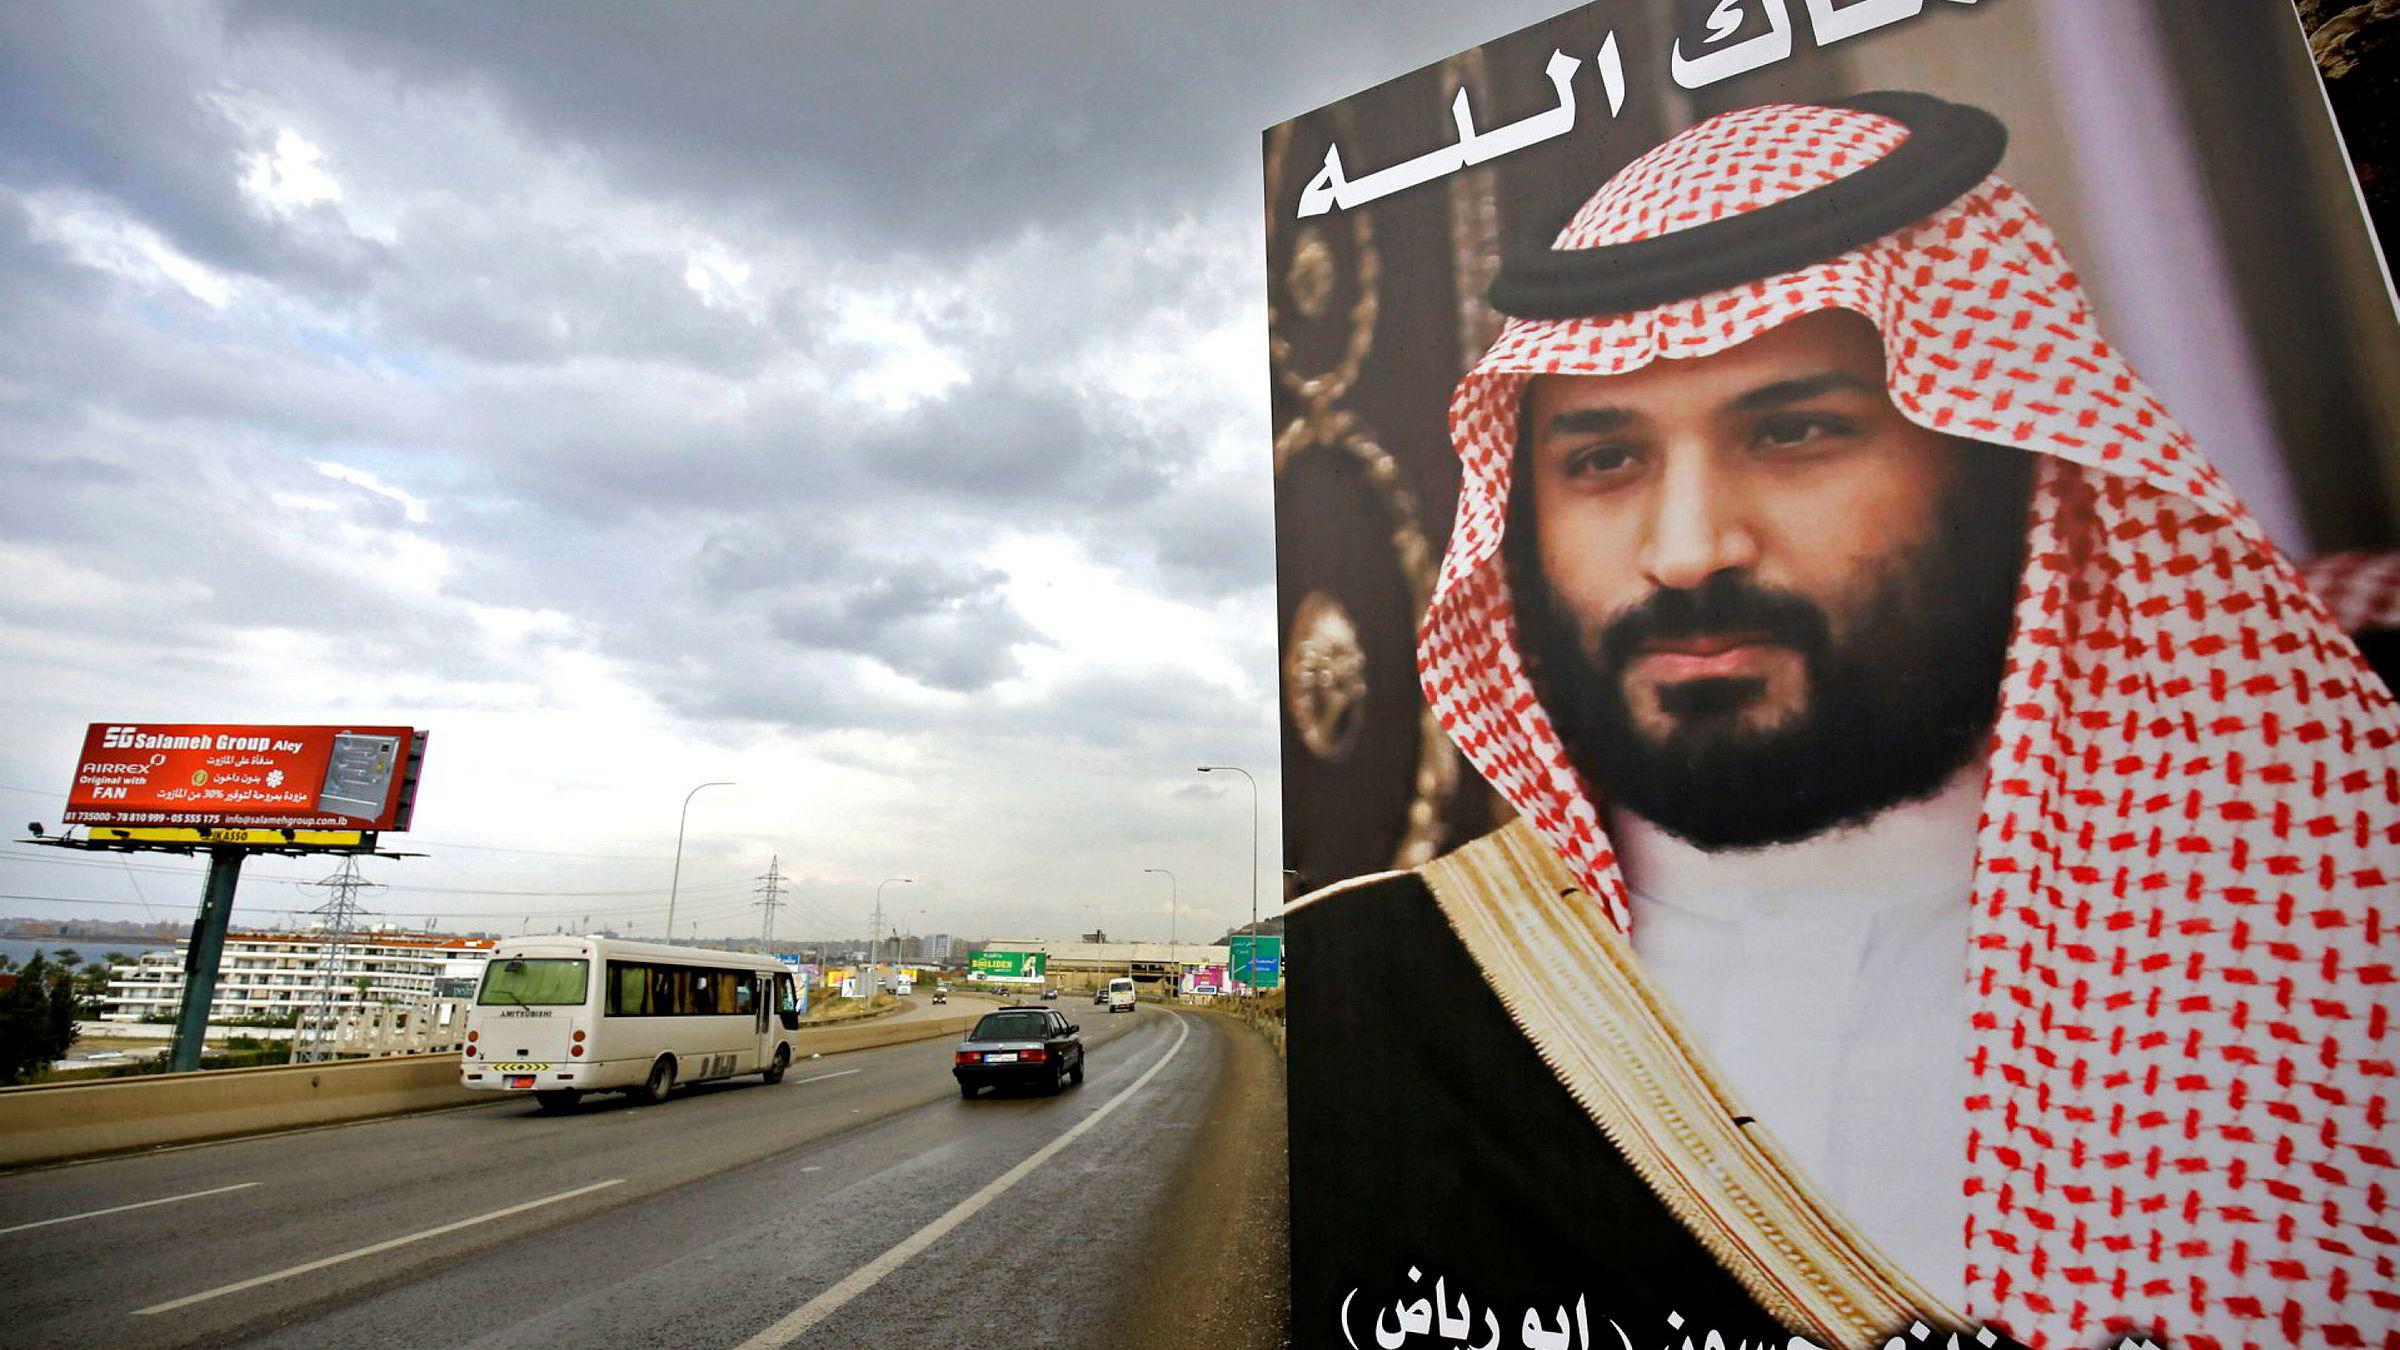 Kronprins Mohammed bin Salman står bak flere økonomiske reformer den siste tiden. Offentlige pengebruk er redusert og skatter og avgifter økt. Lørdag rapporterer saudiarabiske medier at elleve prinser skal være arrestert etter demonstrasjoner mot bin Salmans nye økonomiske politikk.